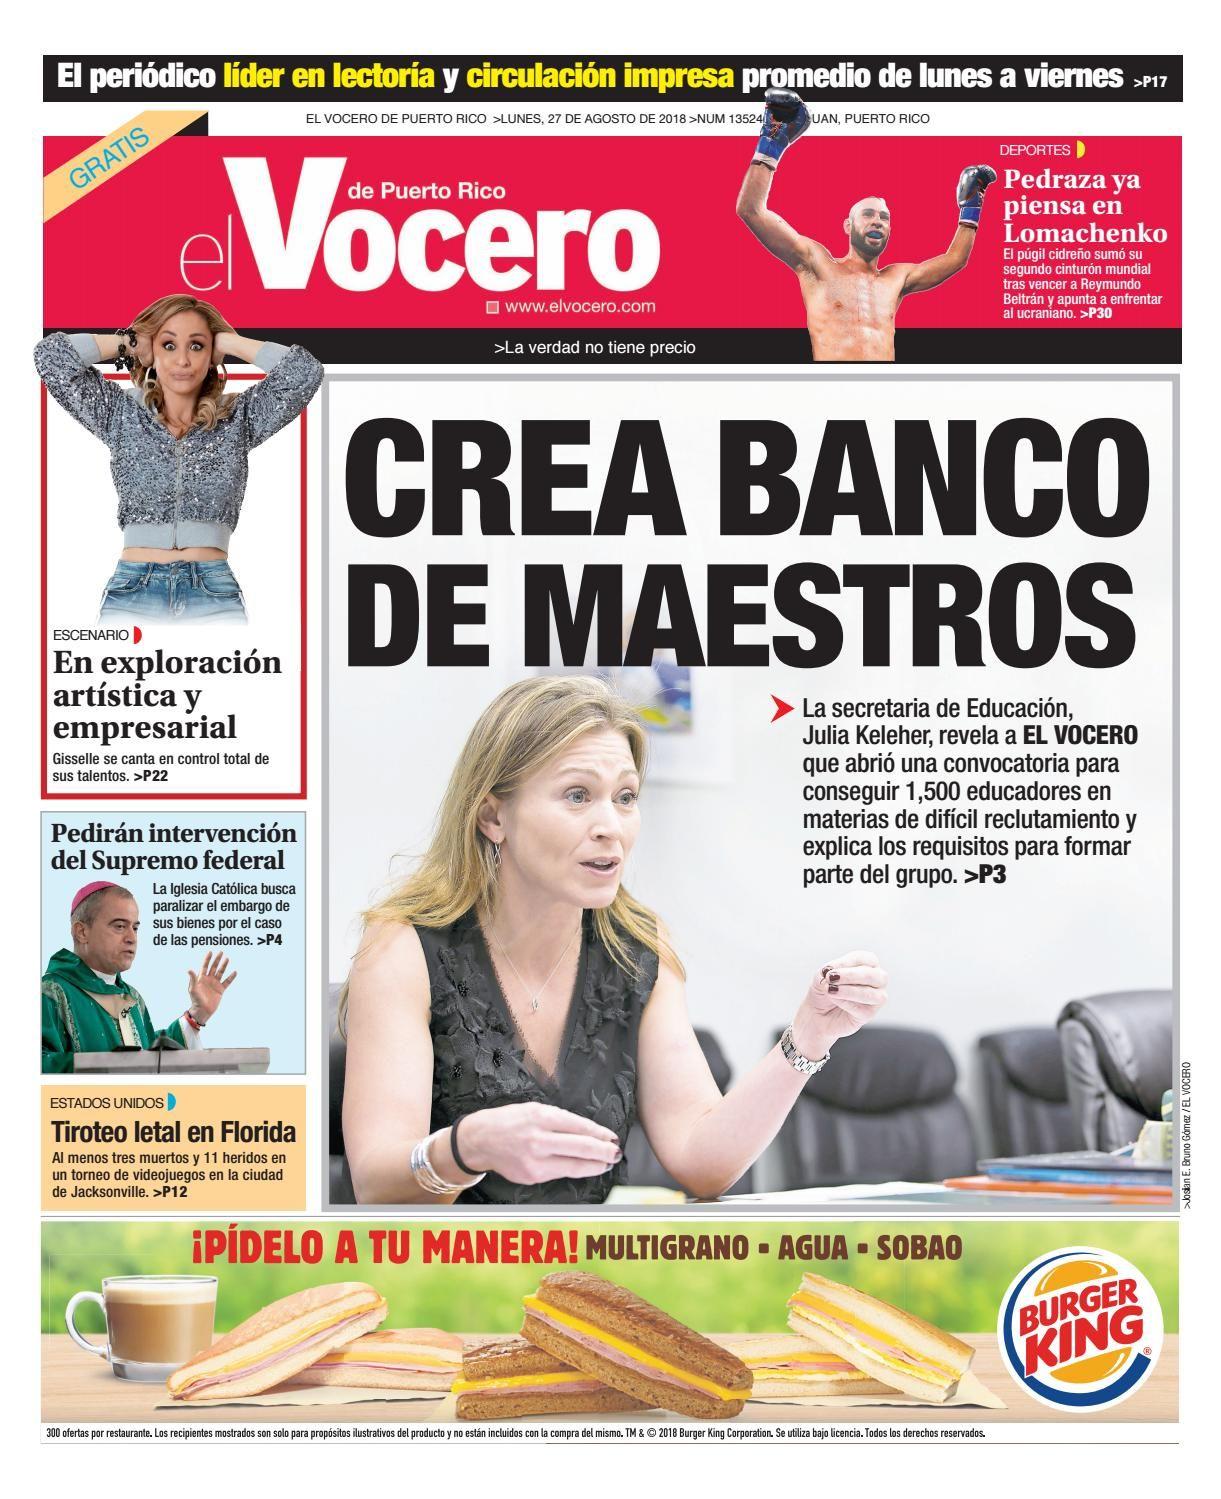 Edición Del 27 De Agosto De 2018 27 De Agosto Puerto Rico Edicion